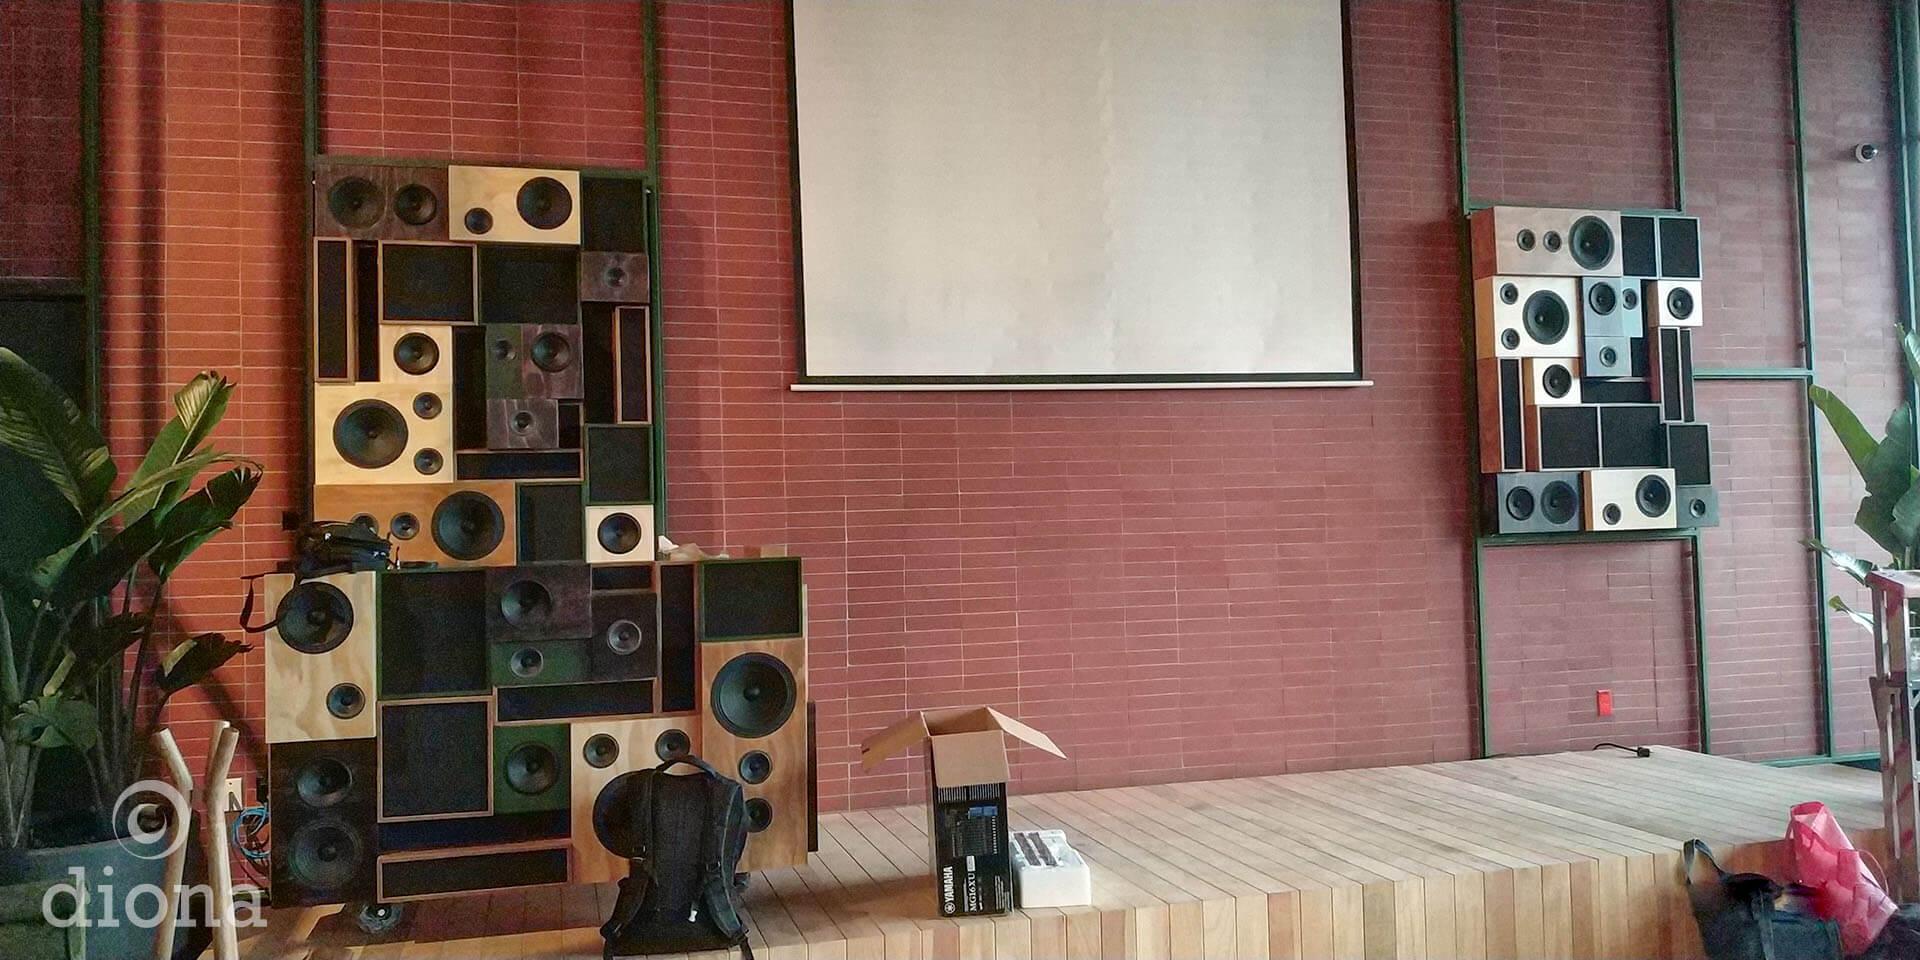 diseño industrial, mobiliario - Cocina Abierta, Artz Pedregal, djbooth, fabricación diona